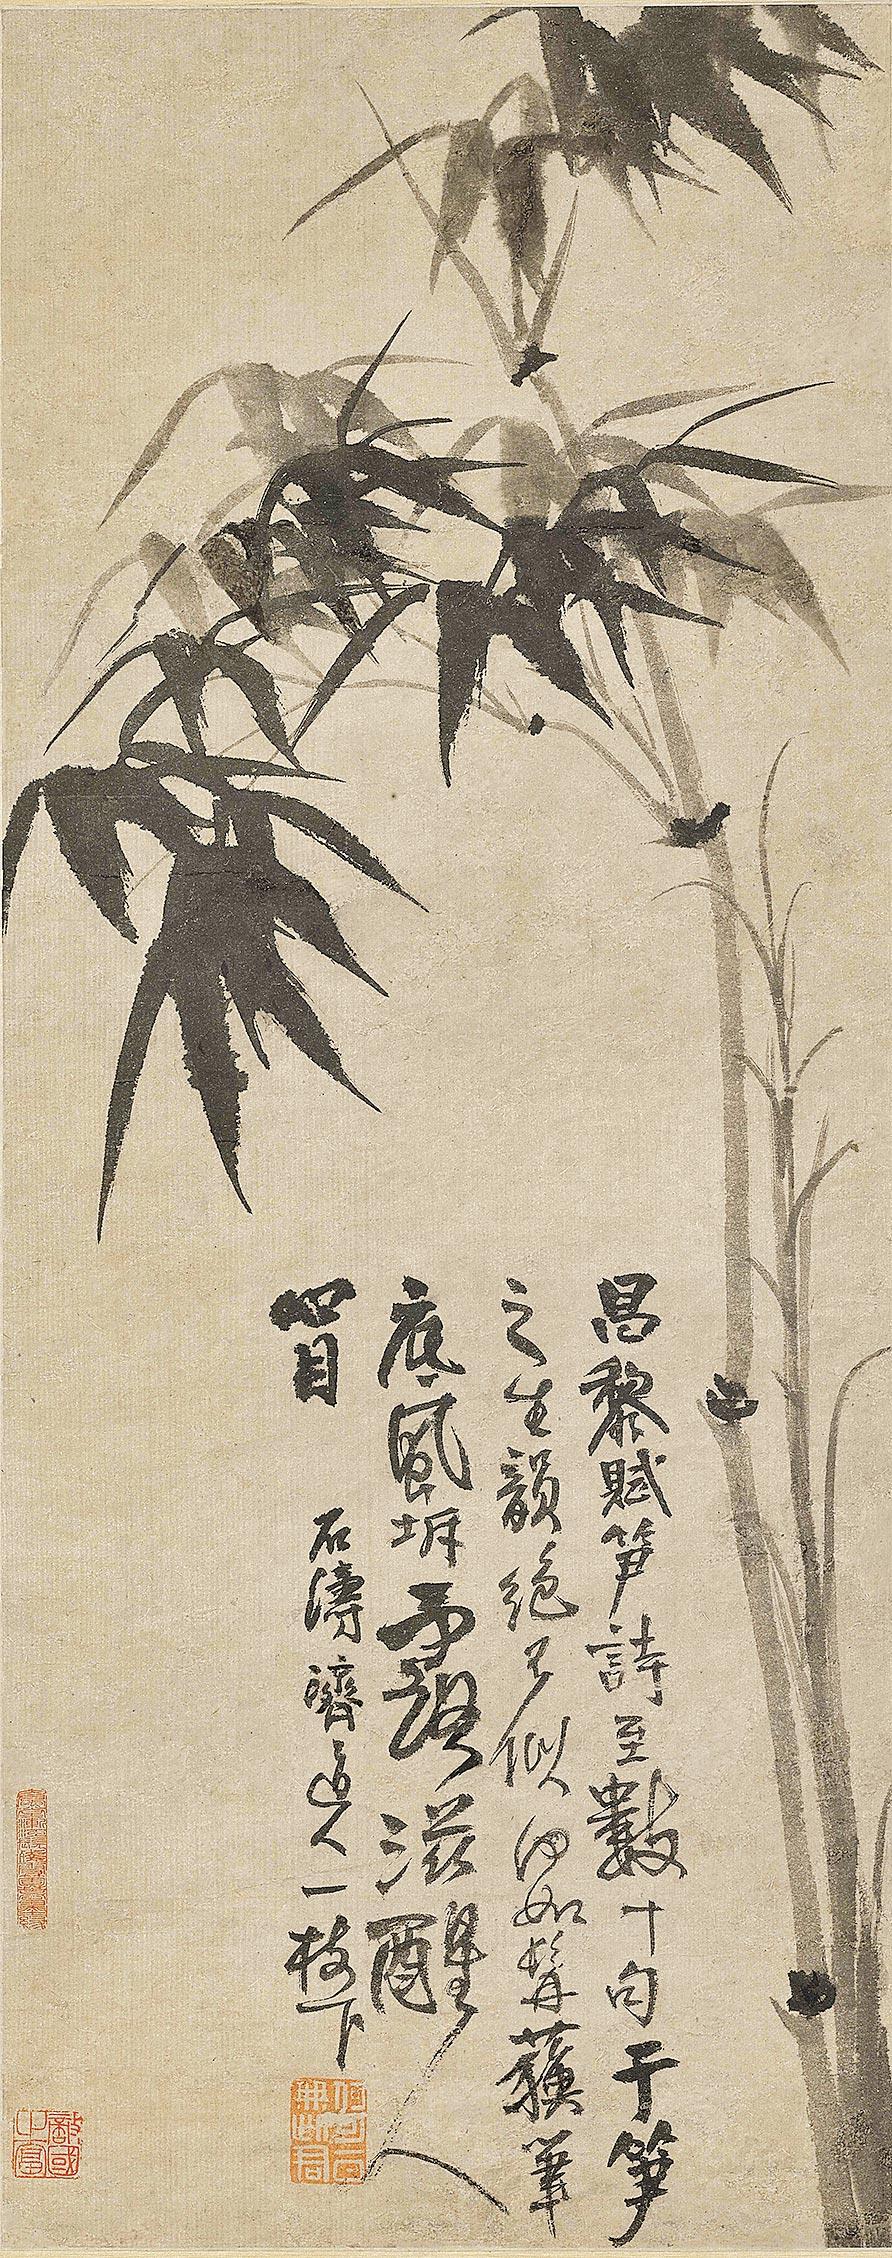 石濤的《墨竹》近日上拍場且備受關注。(香港蘇富比提供/李怡芸傳真)